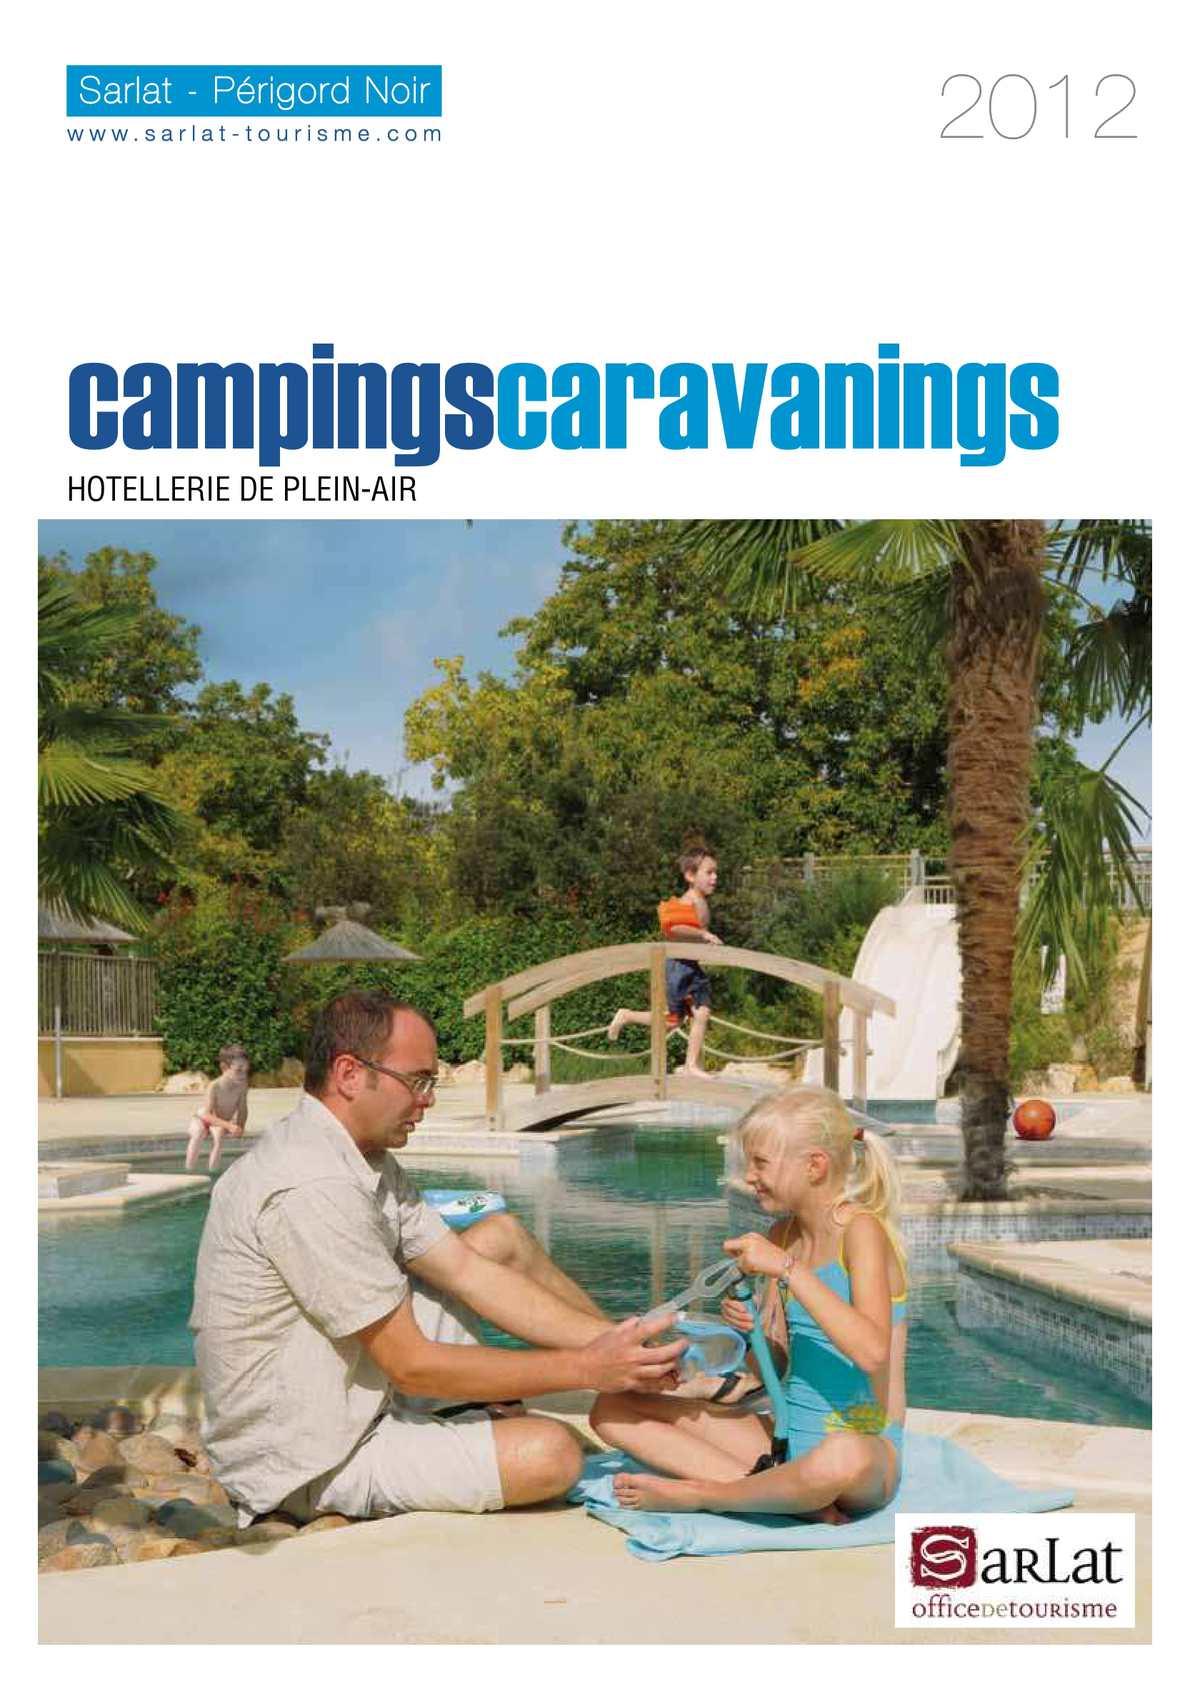 Campings_Sarlat_Perigord_Noir